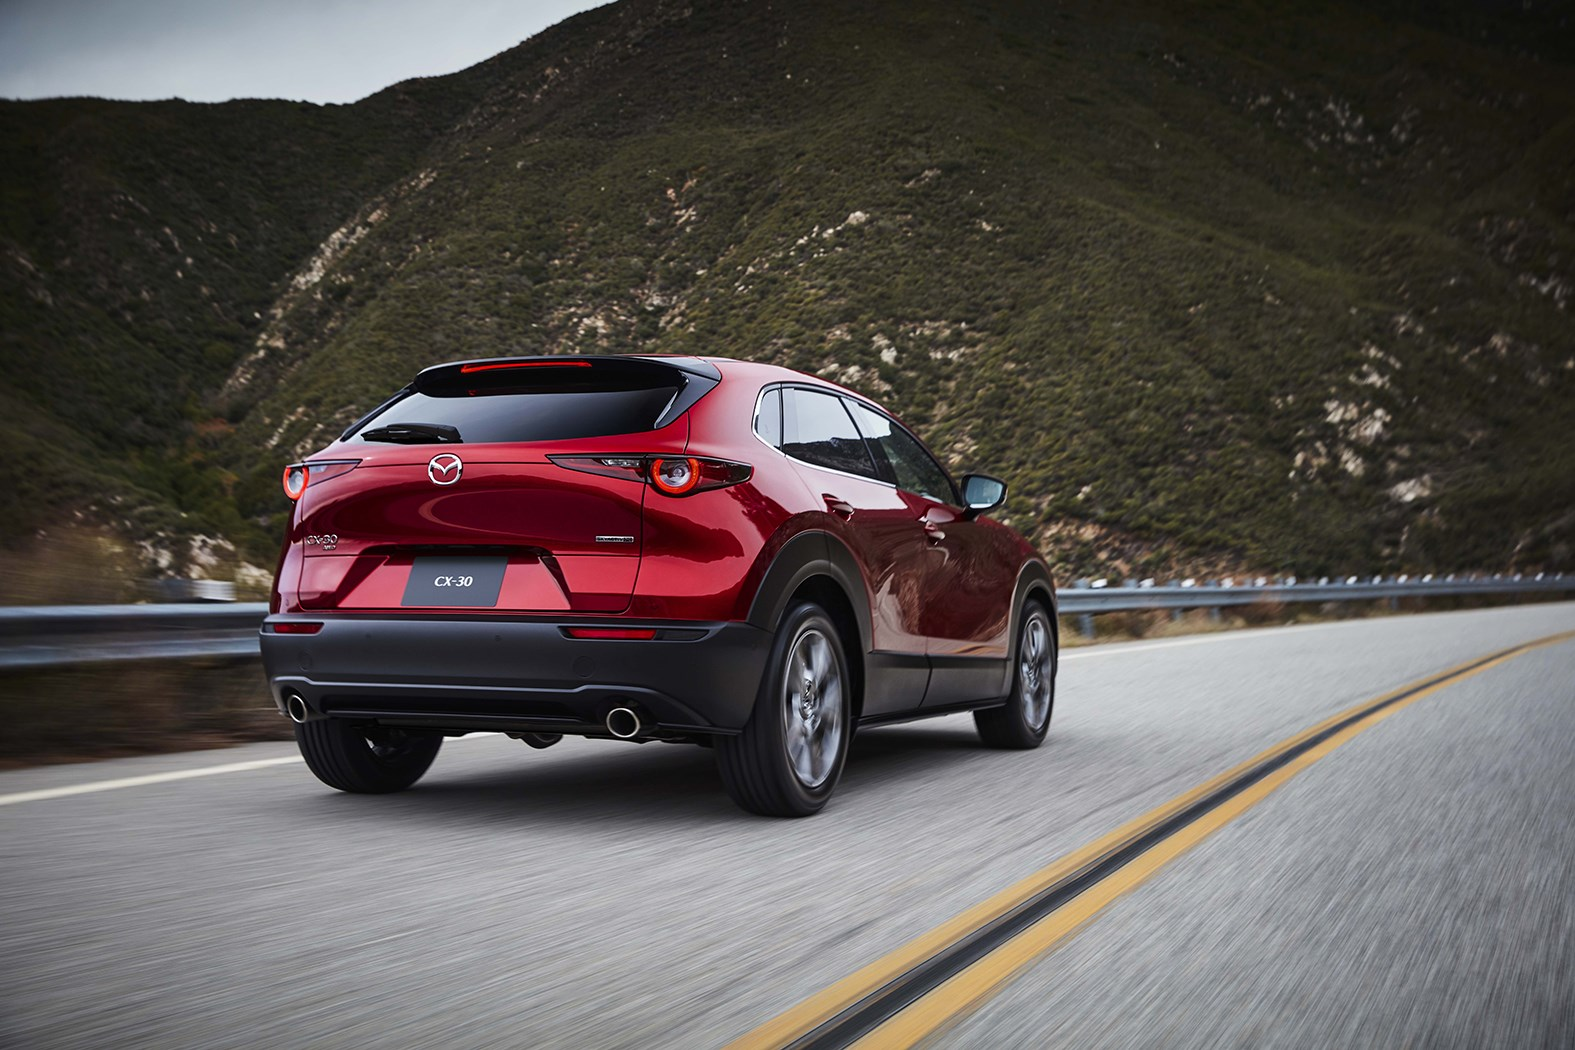 マツダ、「CX-30」のスカイアクティブ-X搭載車を発売。価格はガソリン車より約68万円高